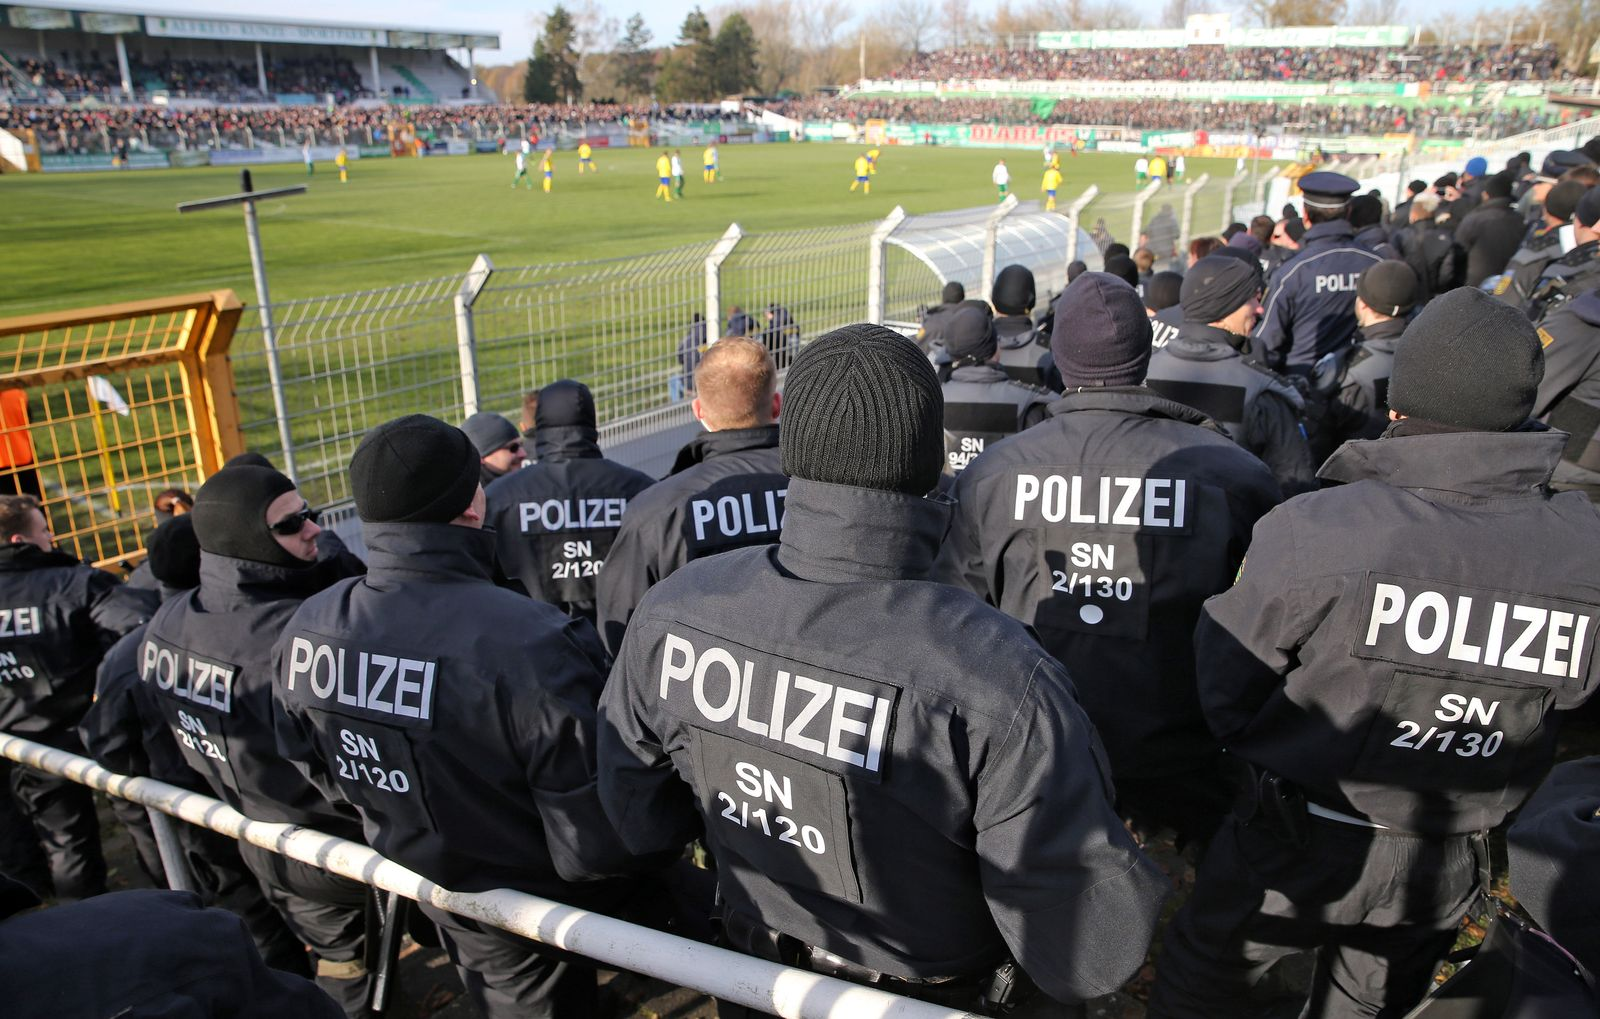 Chemie Leipzig - 1. FC Lok Leipzig Polizei